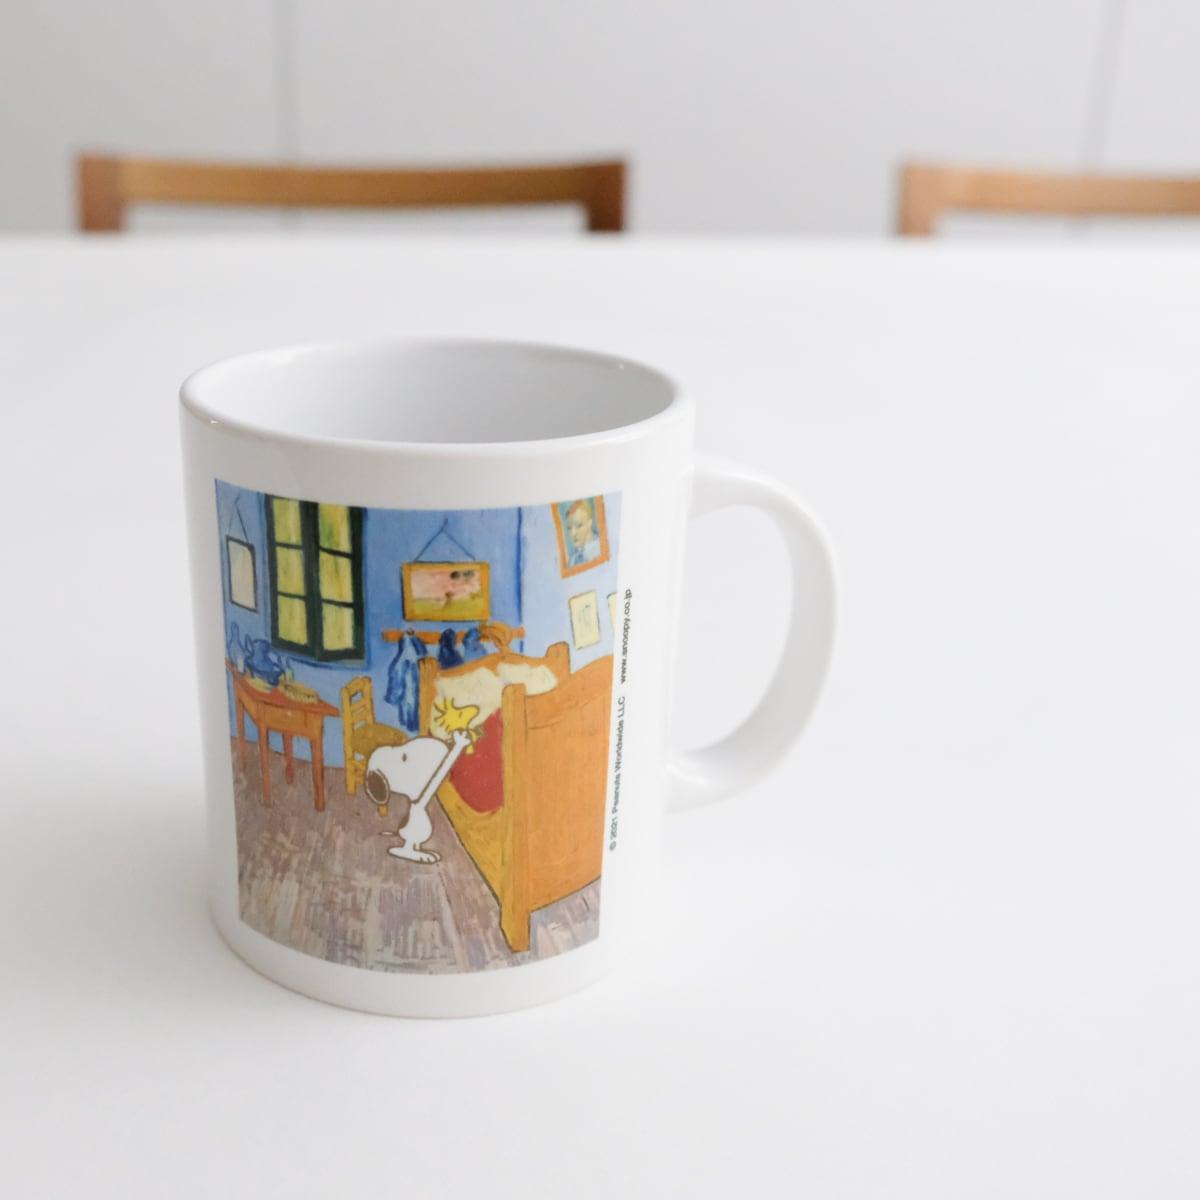 スヌーピー マグカップ アルルの寝室